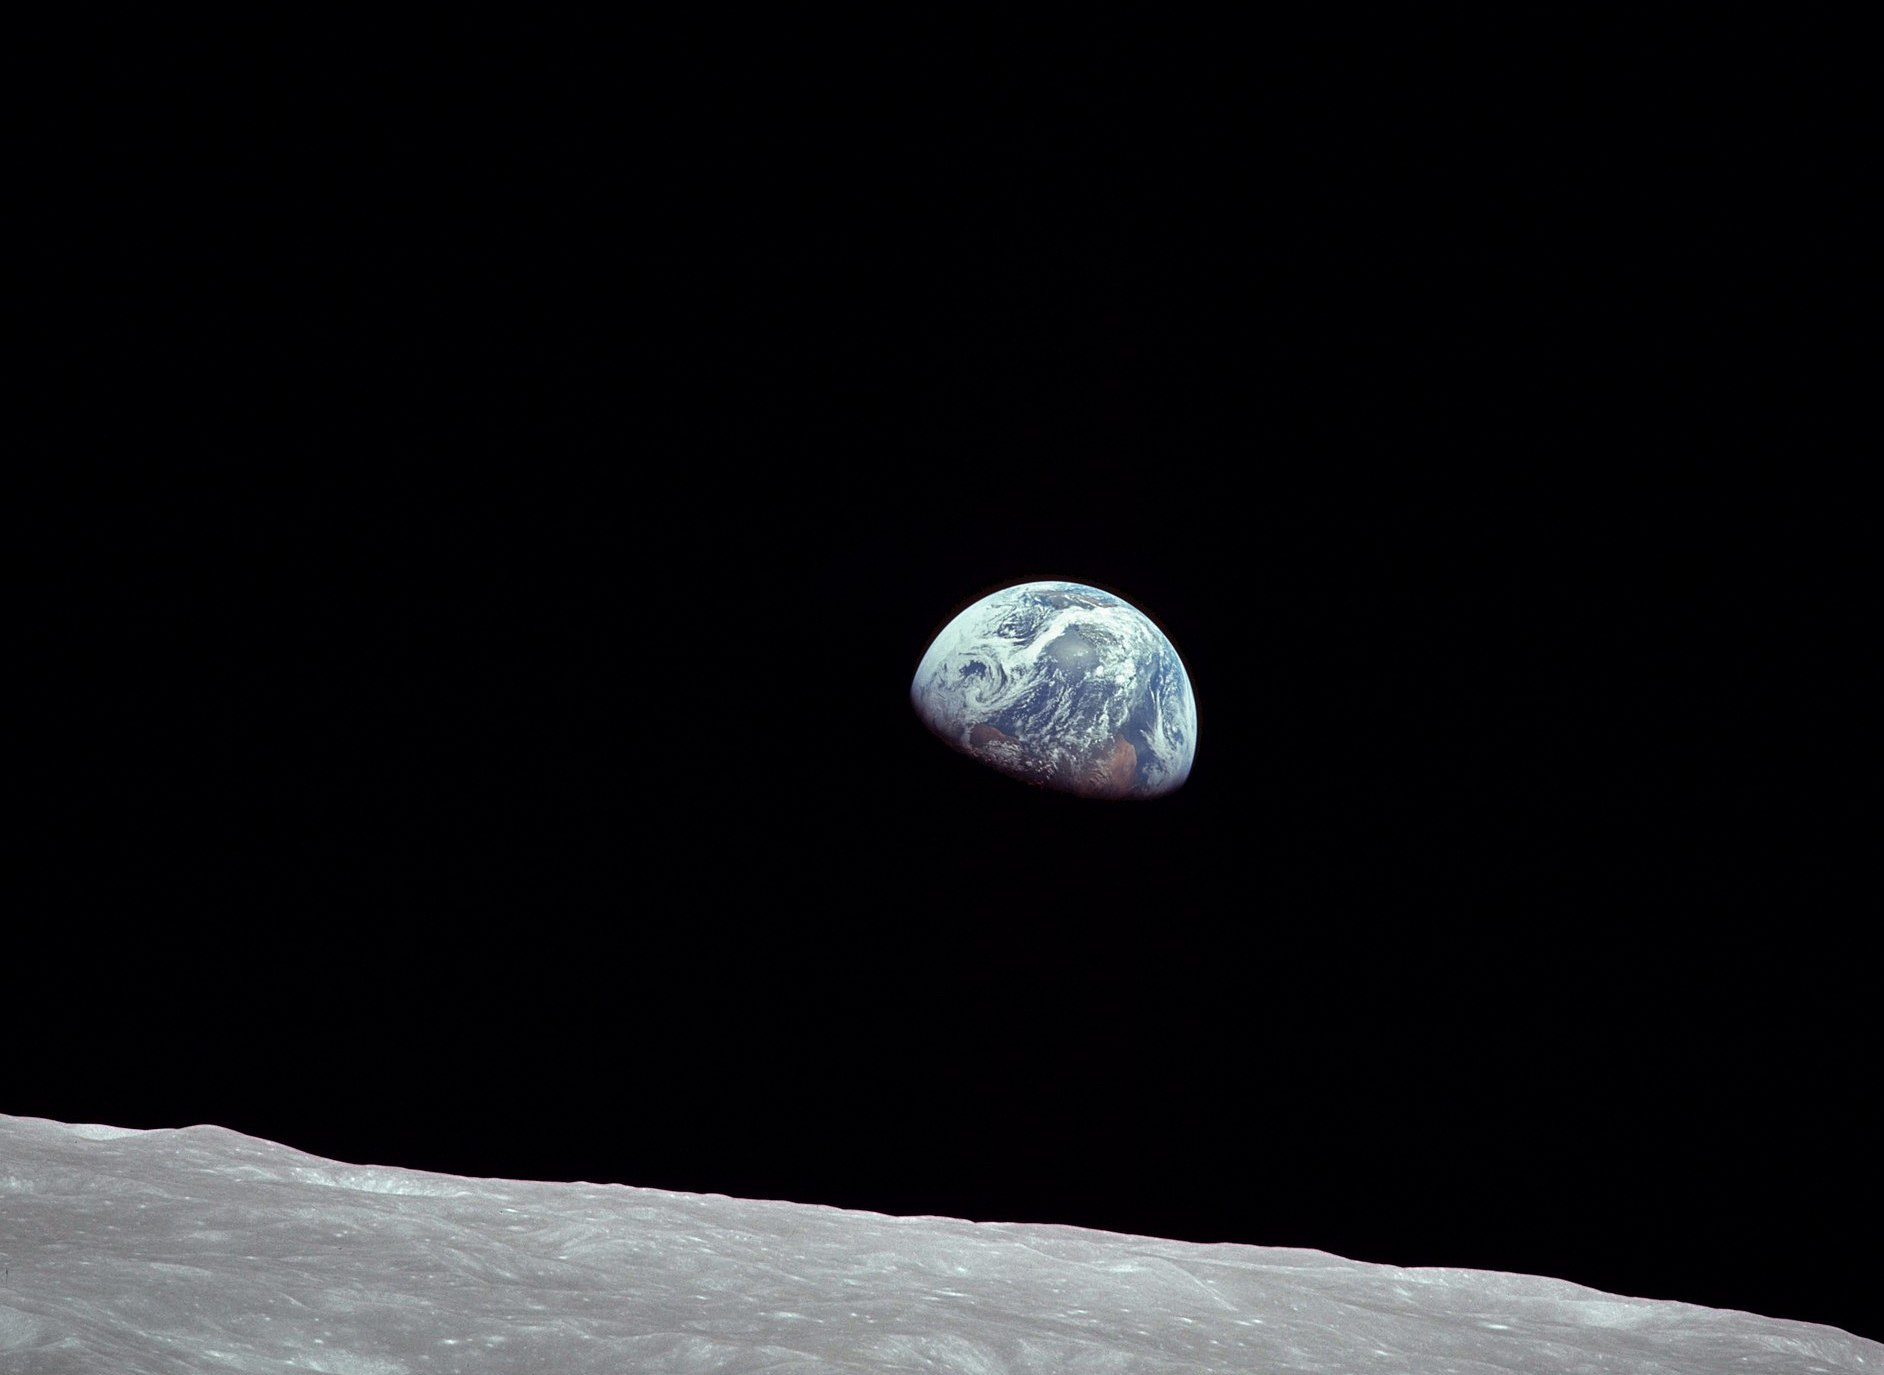 NASA_Earthrise_AS08-14-2383_Apollo_8_1968-12-24.jpg